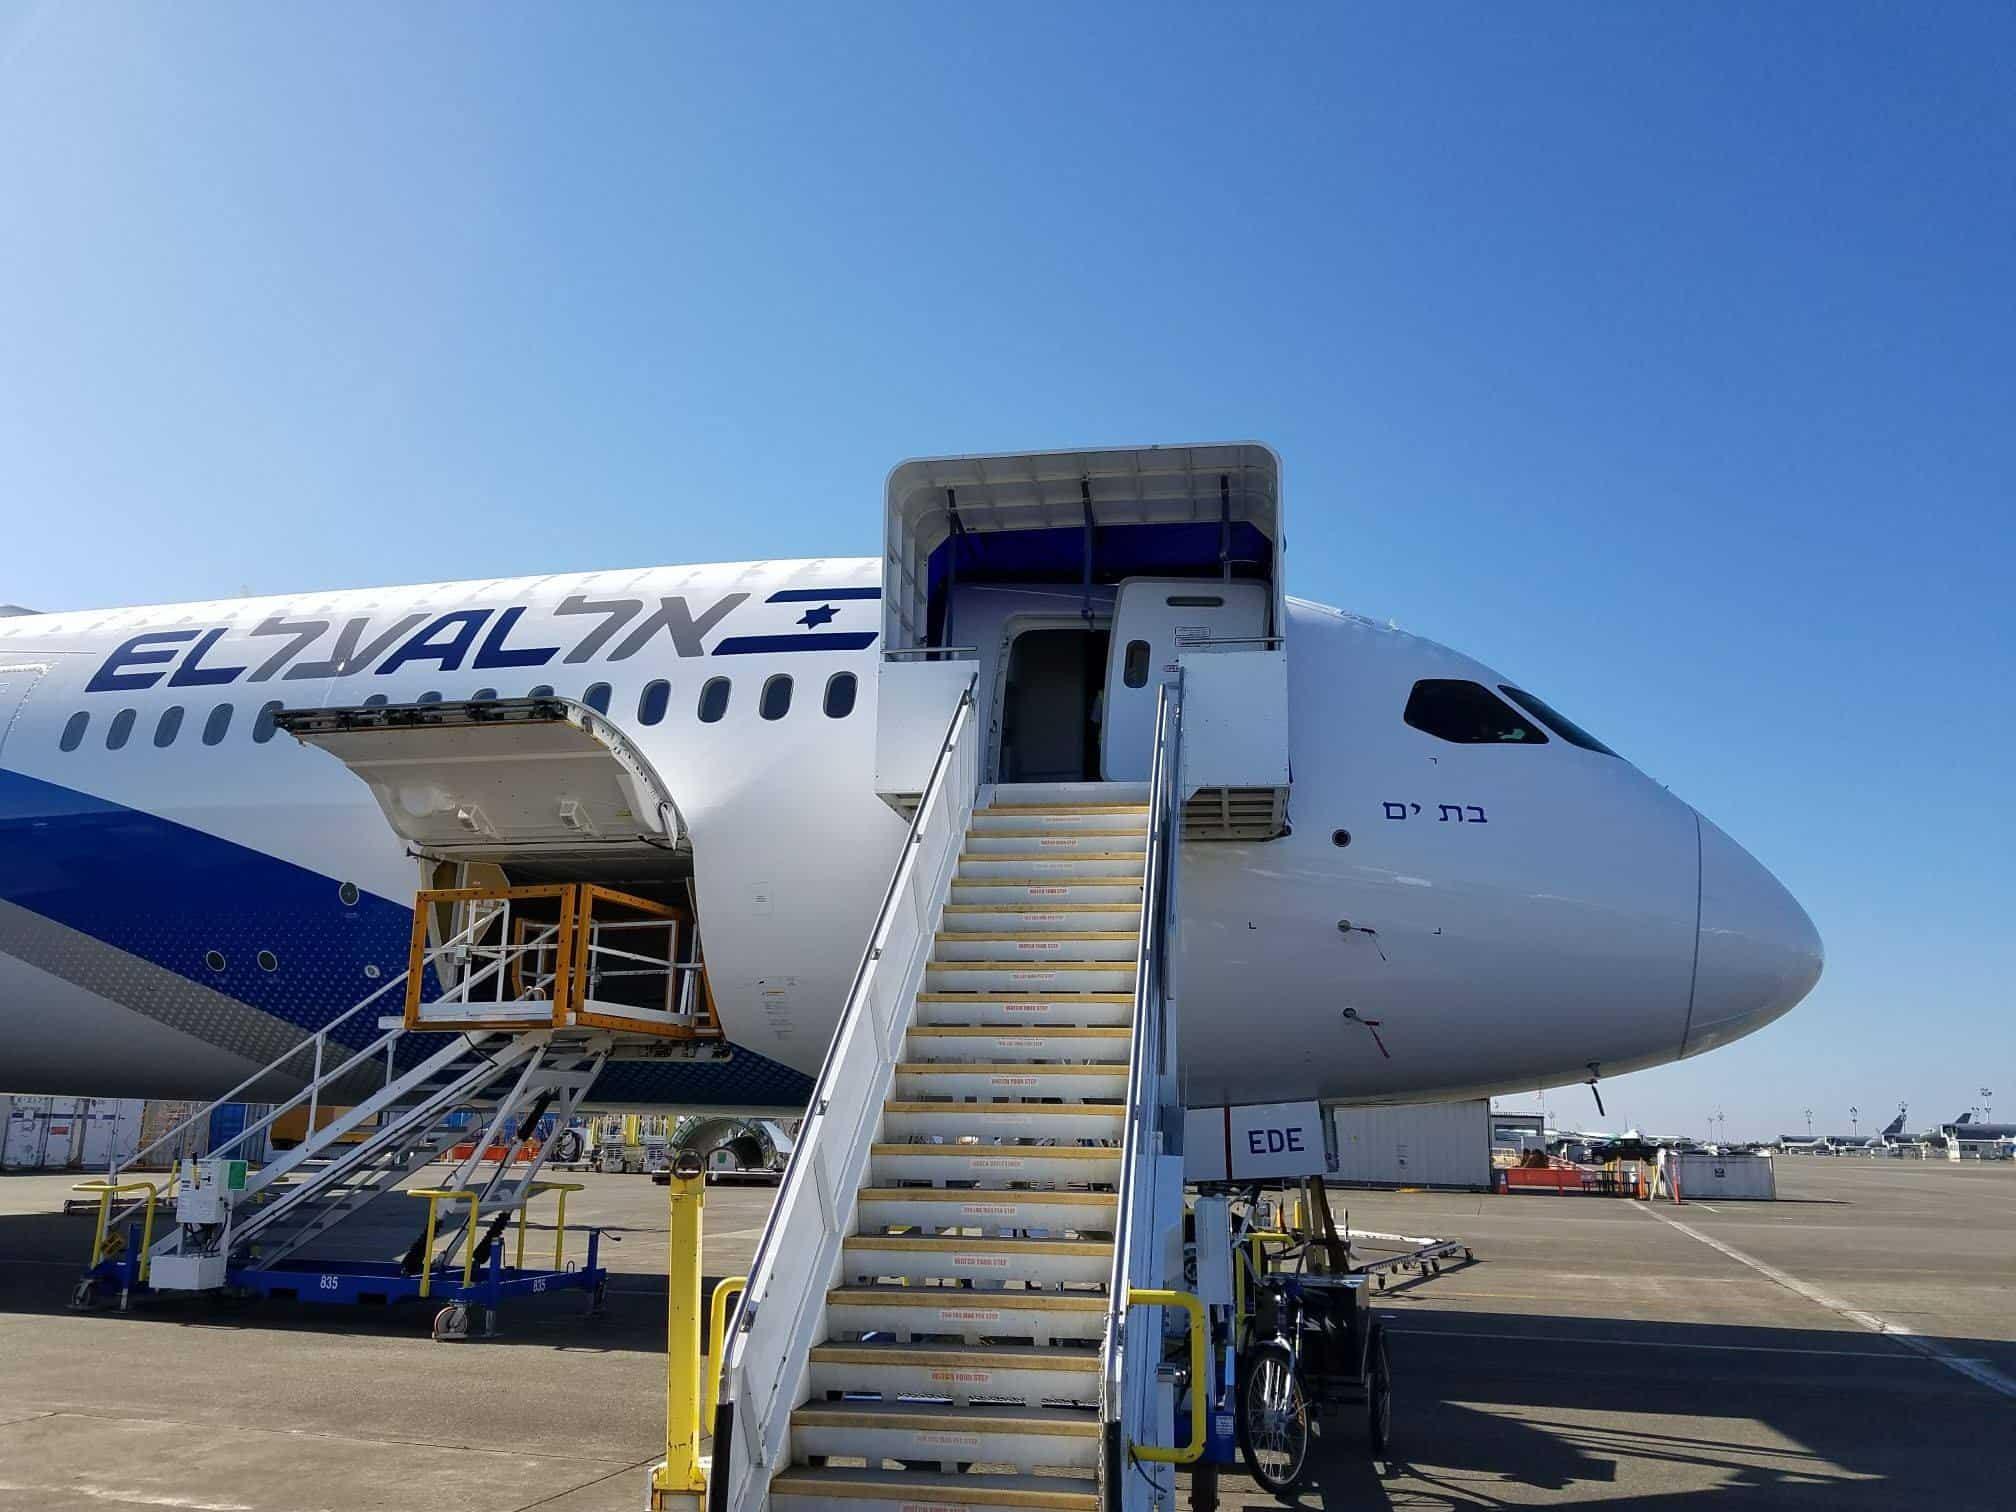 המטוס הקרוי על שם העיר, צילום: Joe Palmieri, באדיבות דוברות עיריית בת ים